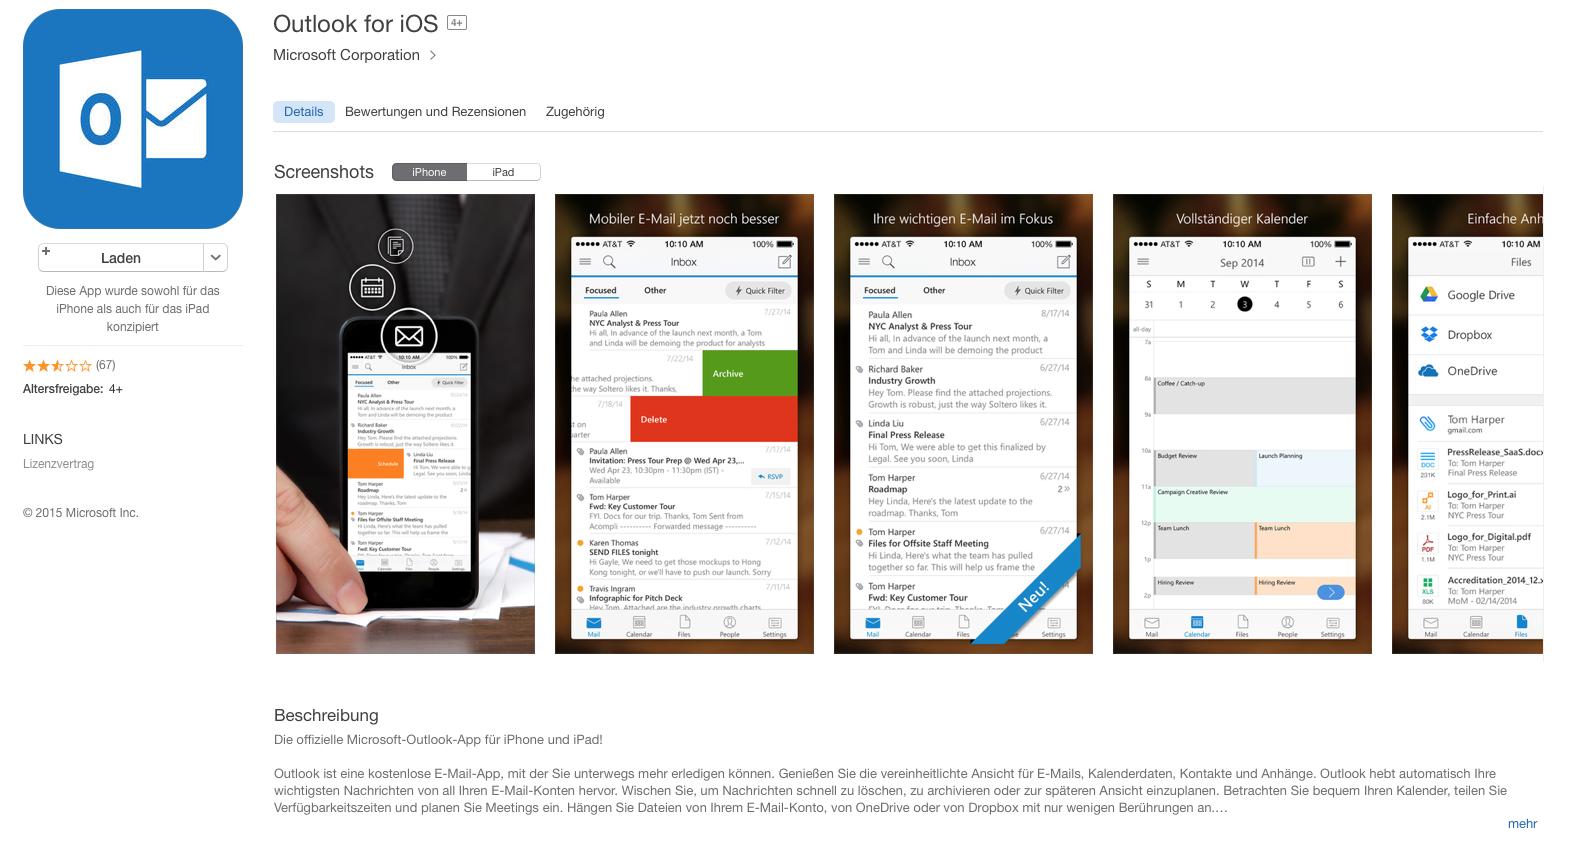 Outlook für iOS ist vielleicht hübsch, aber gefährlich!